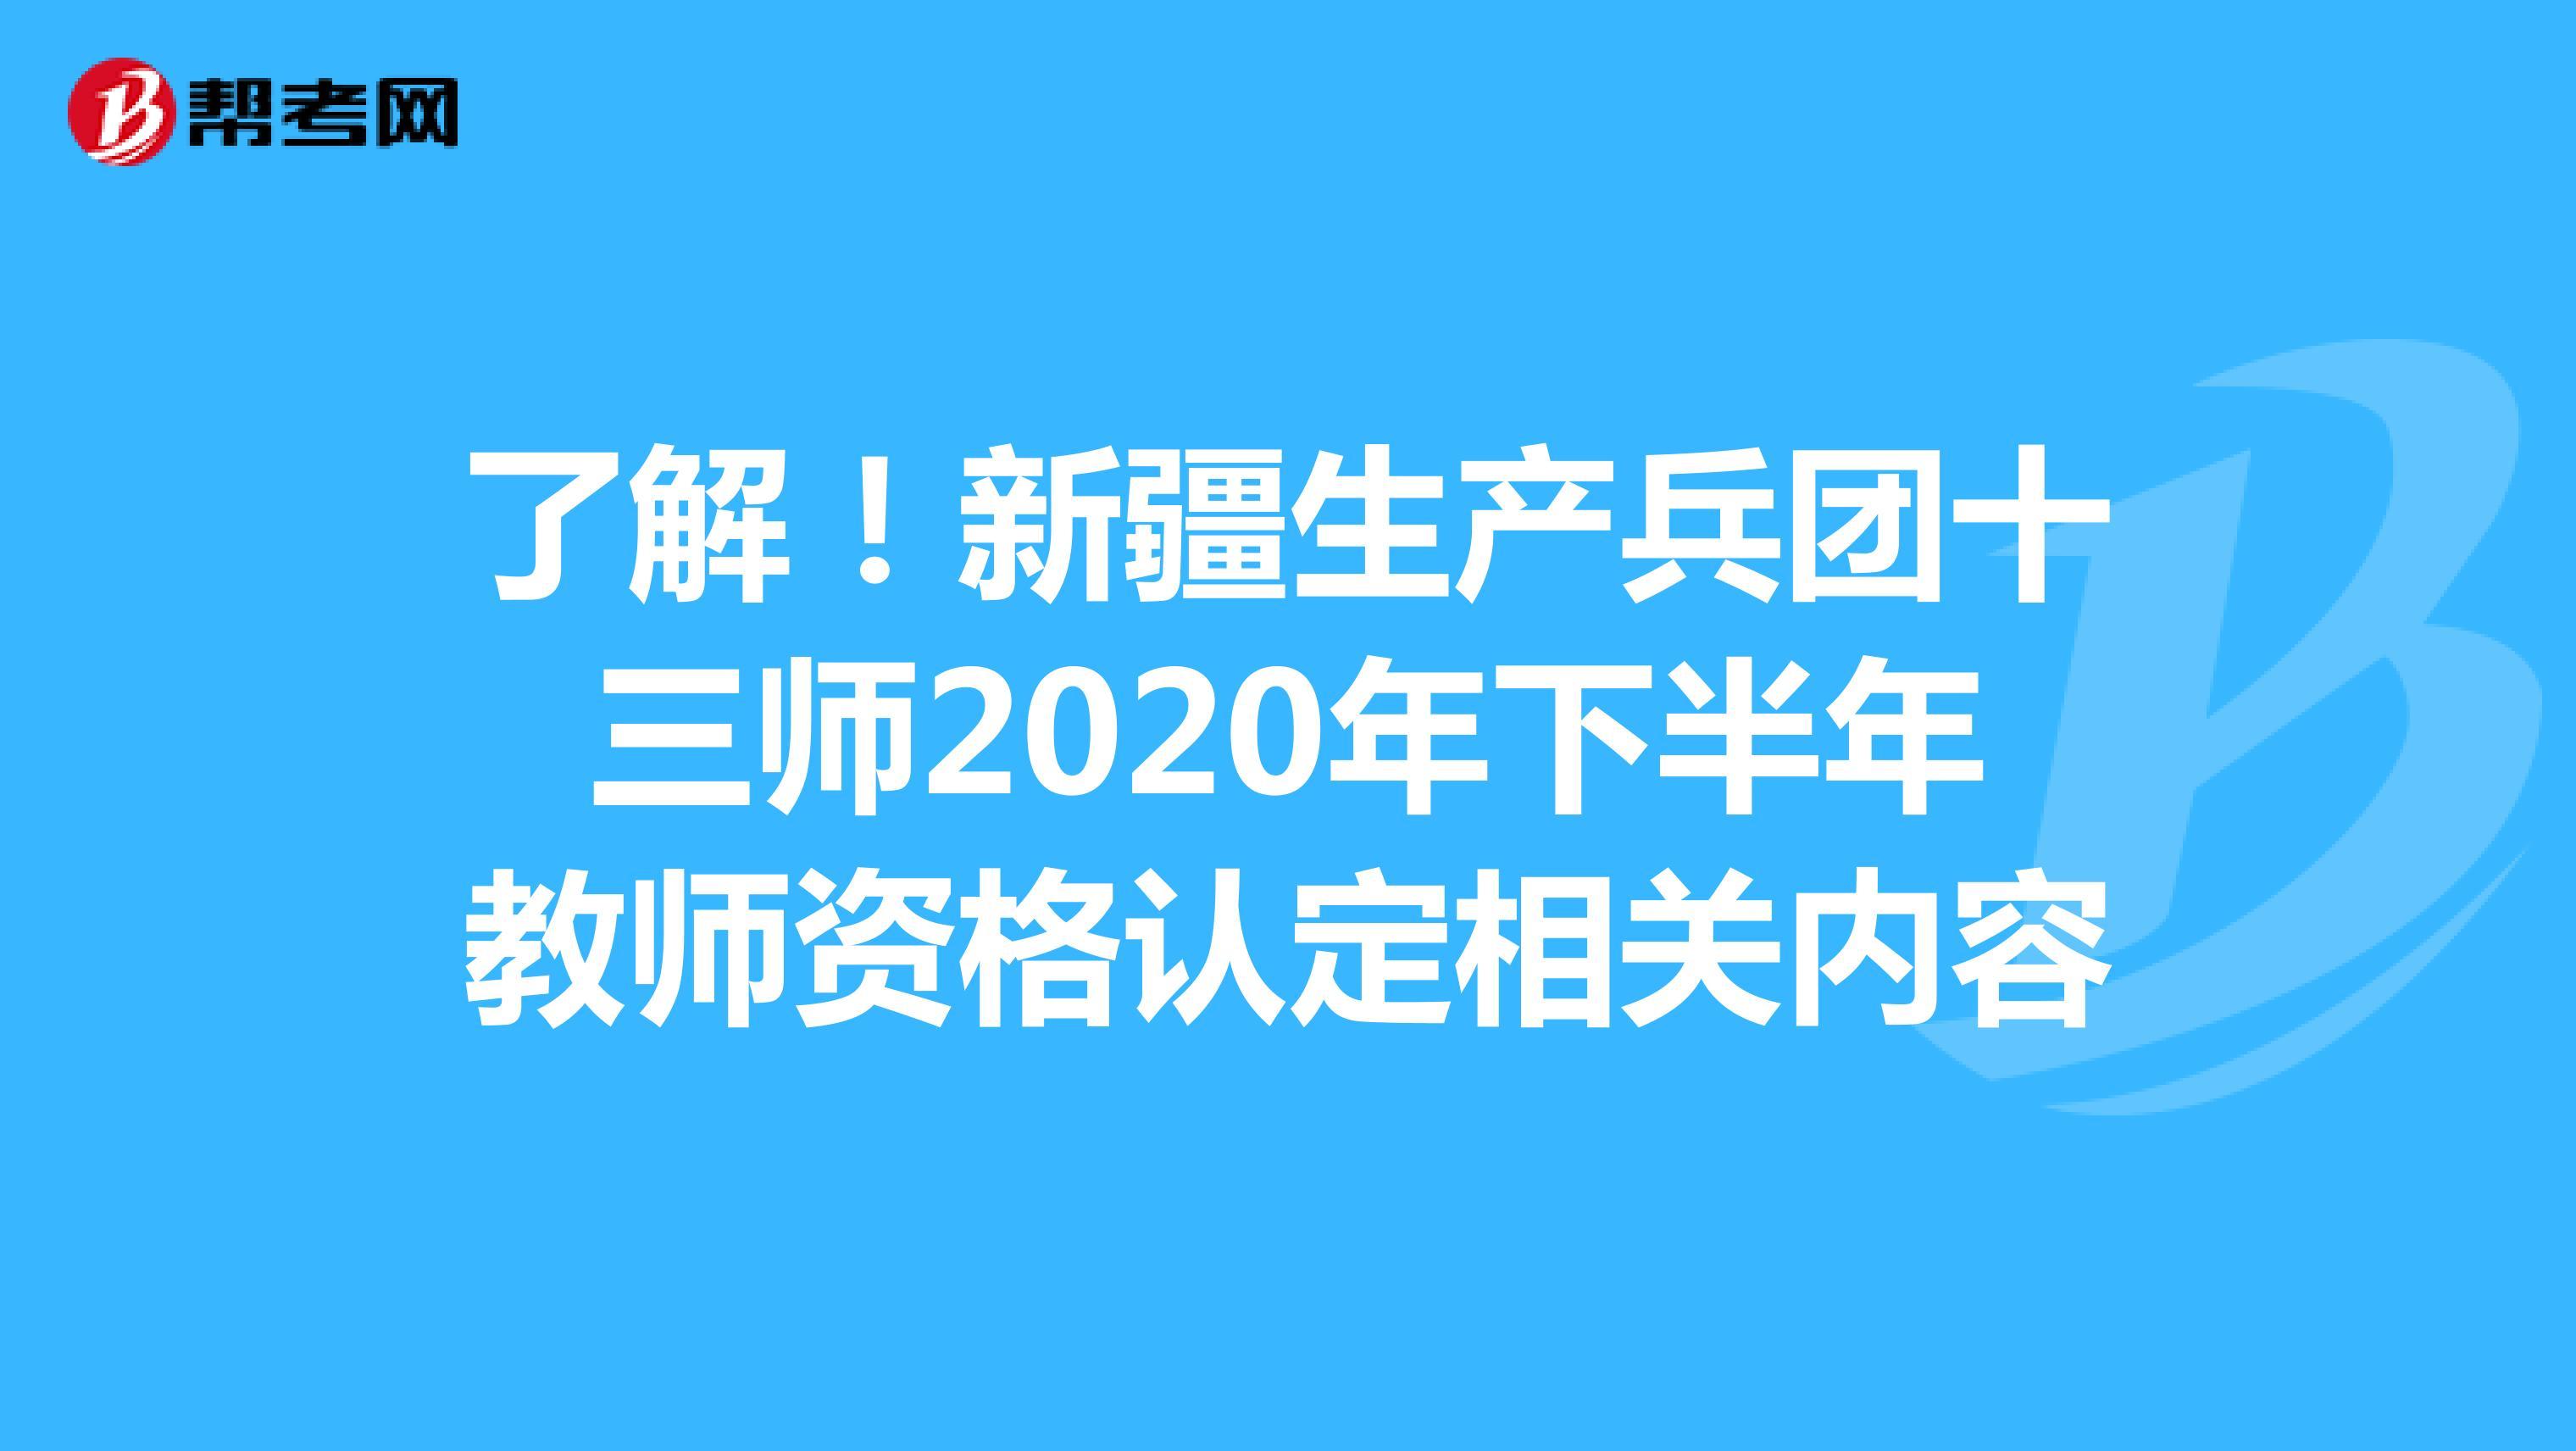 了解!新疆生产兵团十三师2020年下半年教师资格认定相关内容